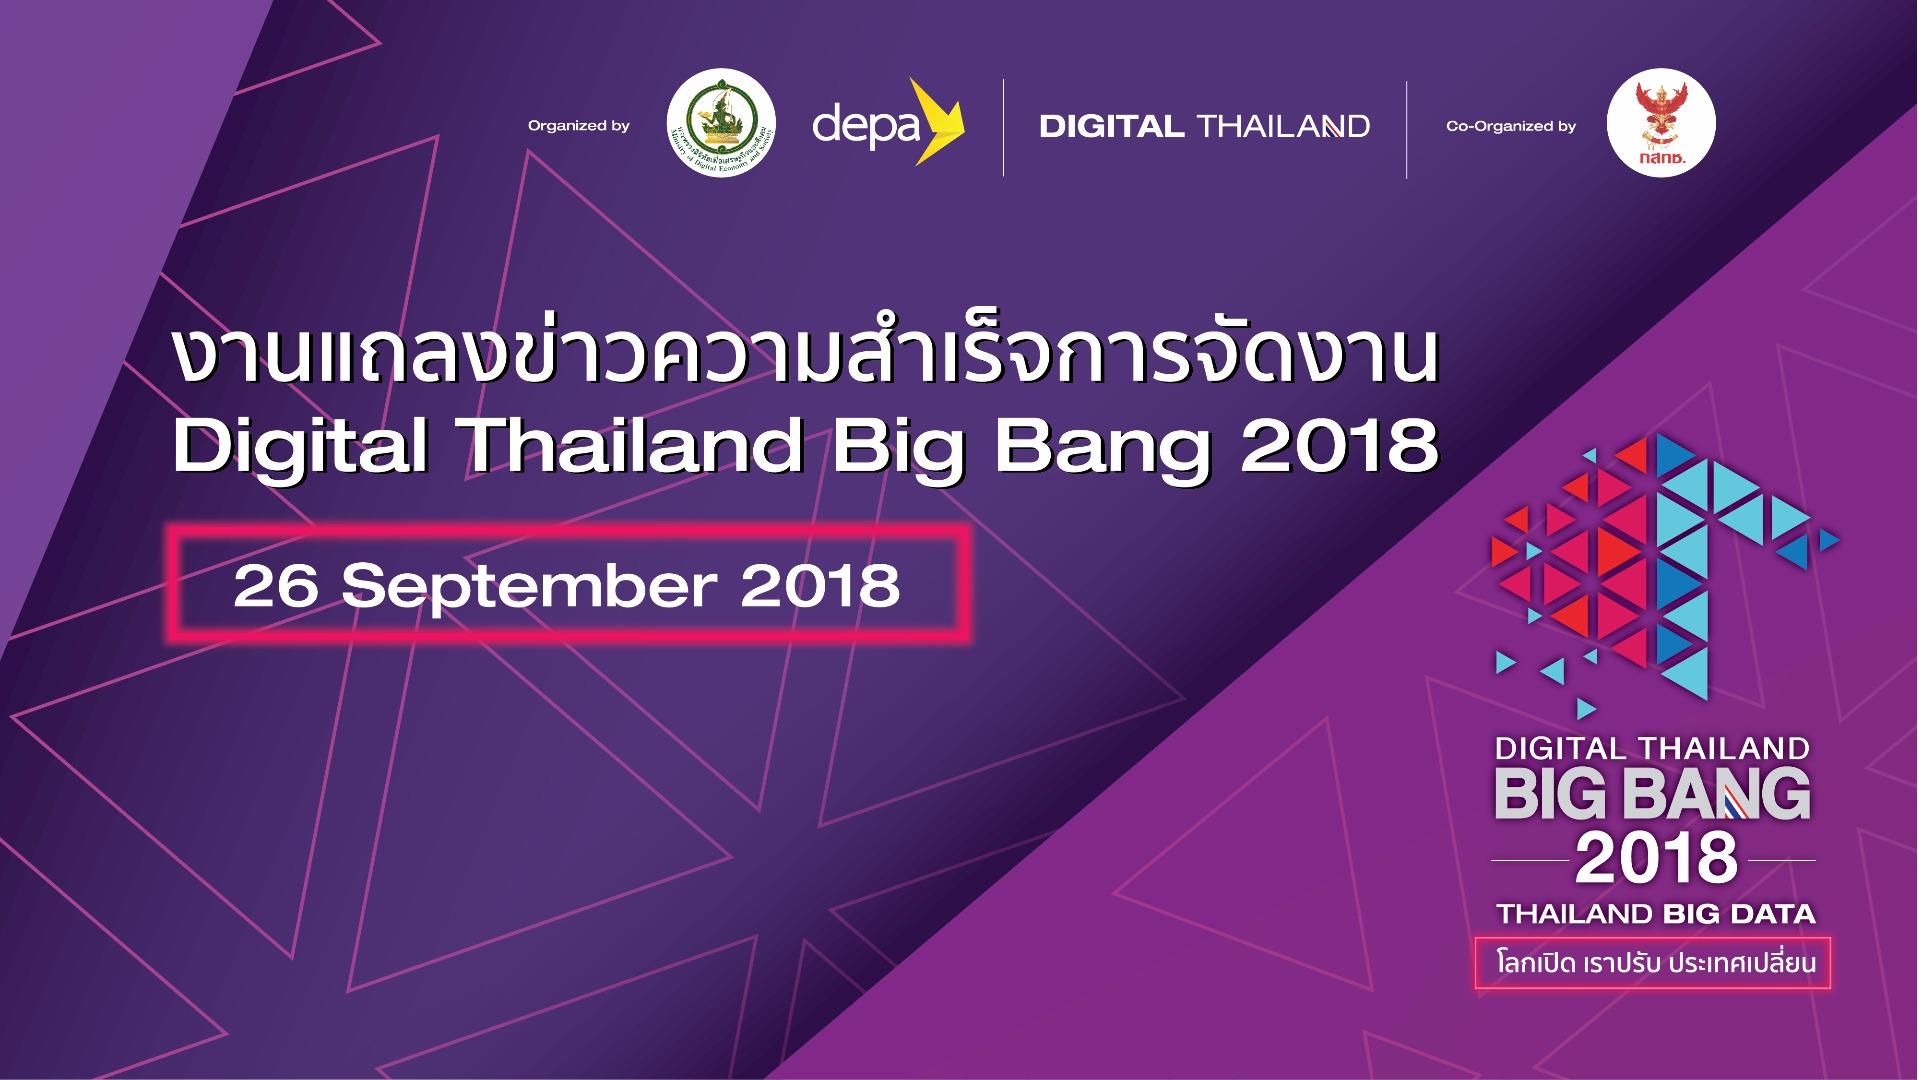 แถลงข่าวความสำเร็จการจัดงาน Digital Thailand Big Bang 2018